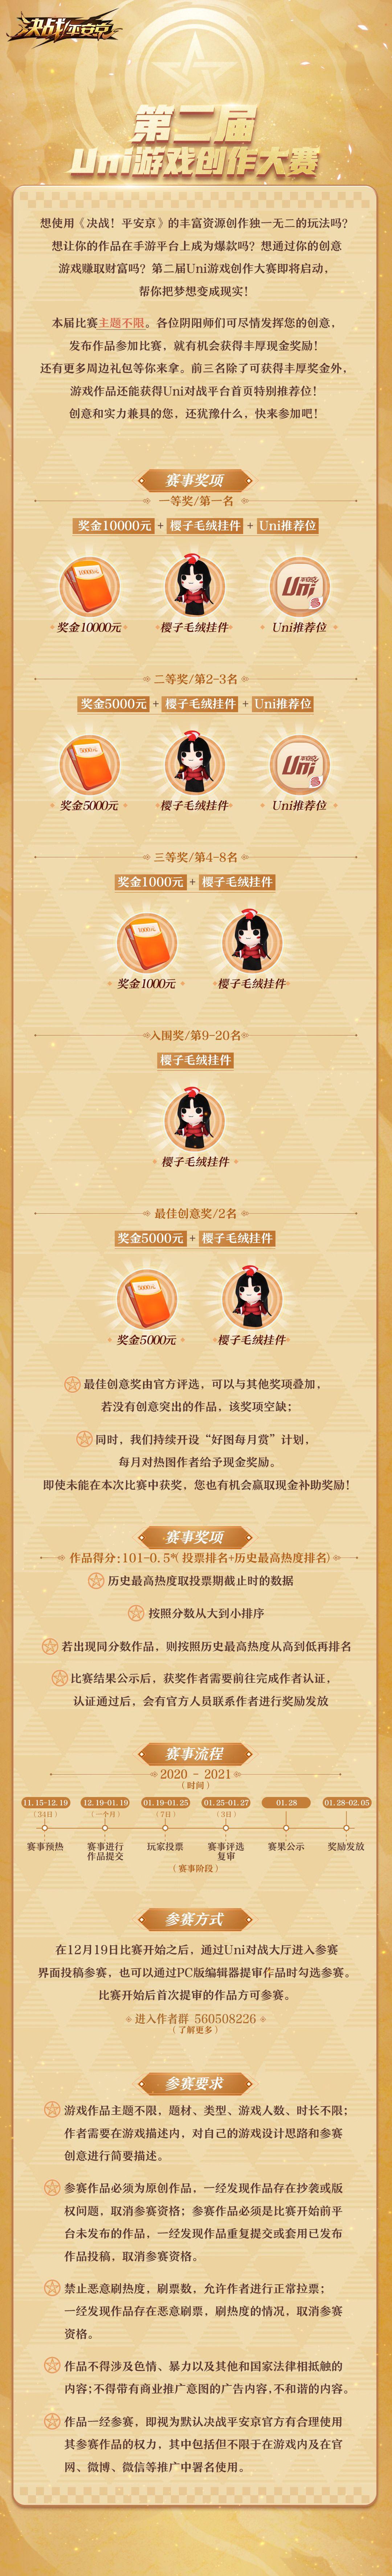 《决战!平安京》第二届Uni游戏创作大赛启动!!!